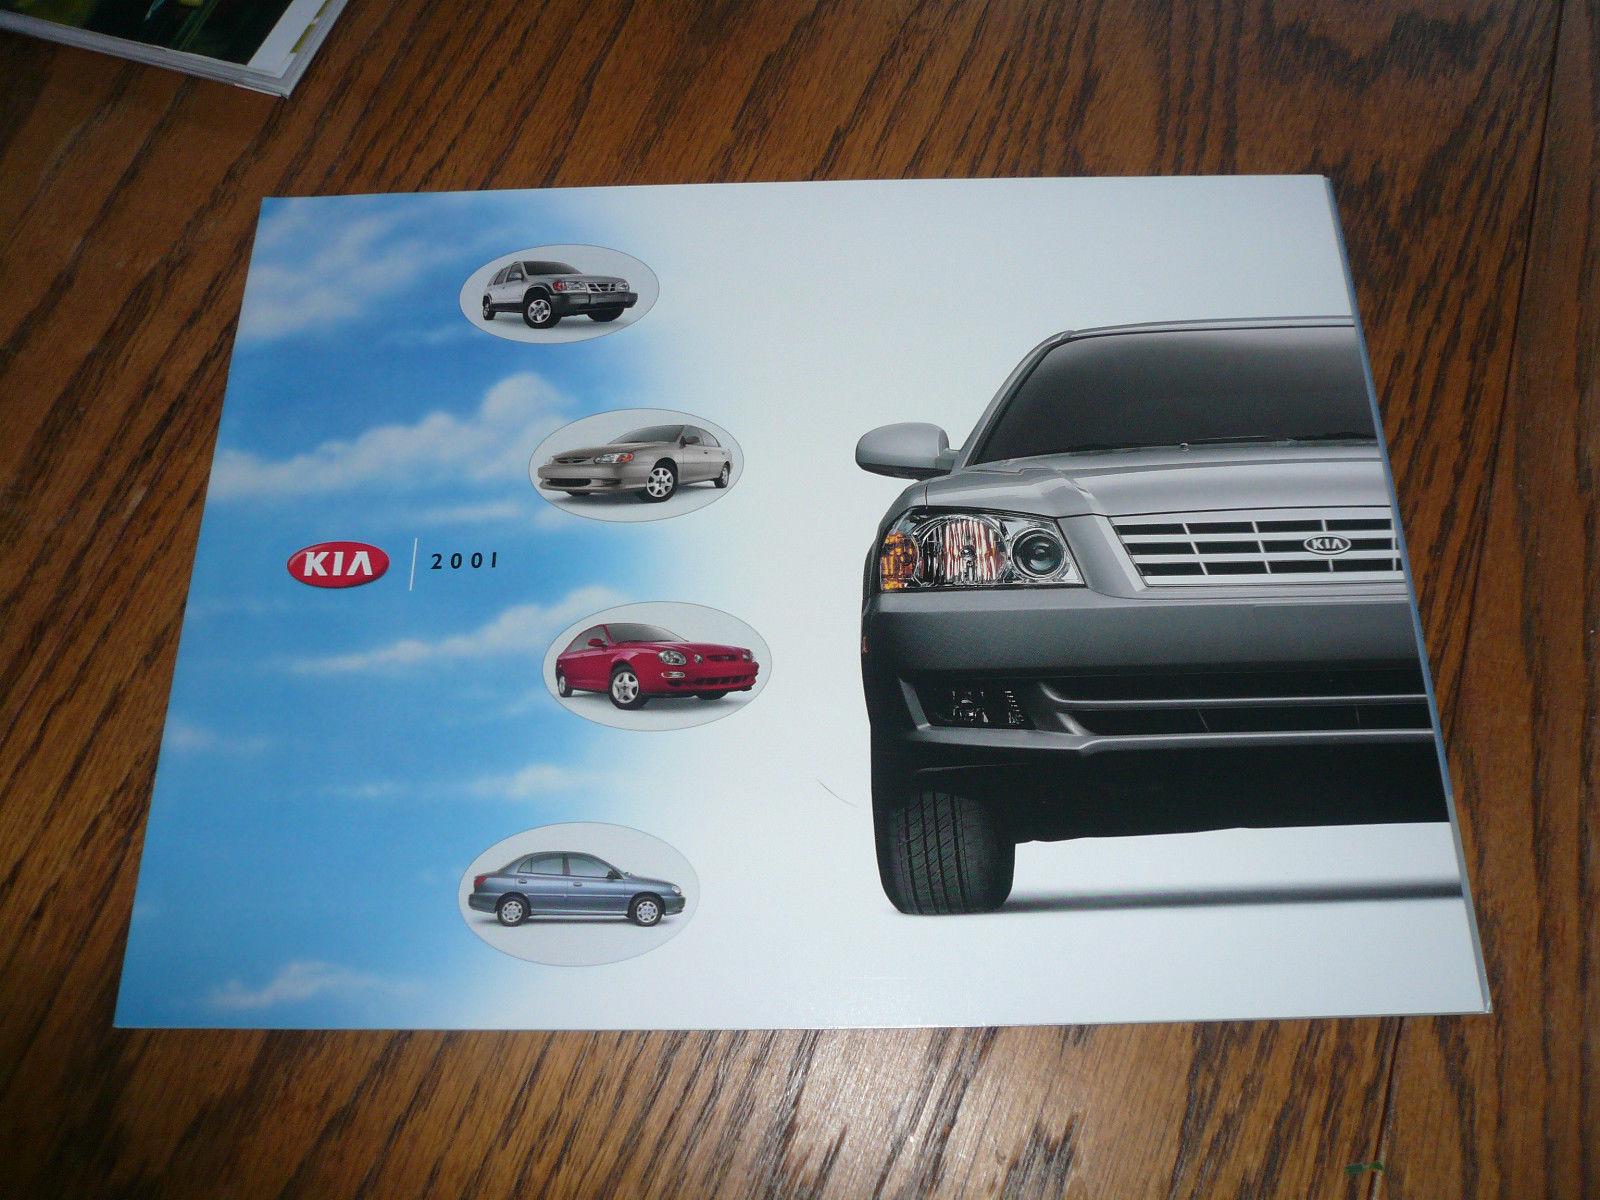 2001 Kia Optima Rio Sportage Sales Brochure - $7.84